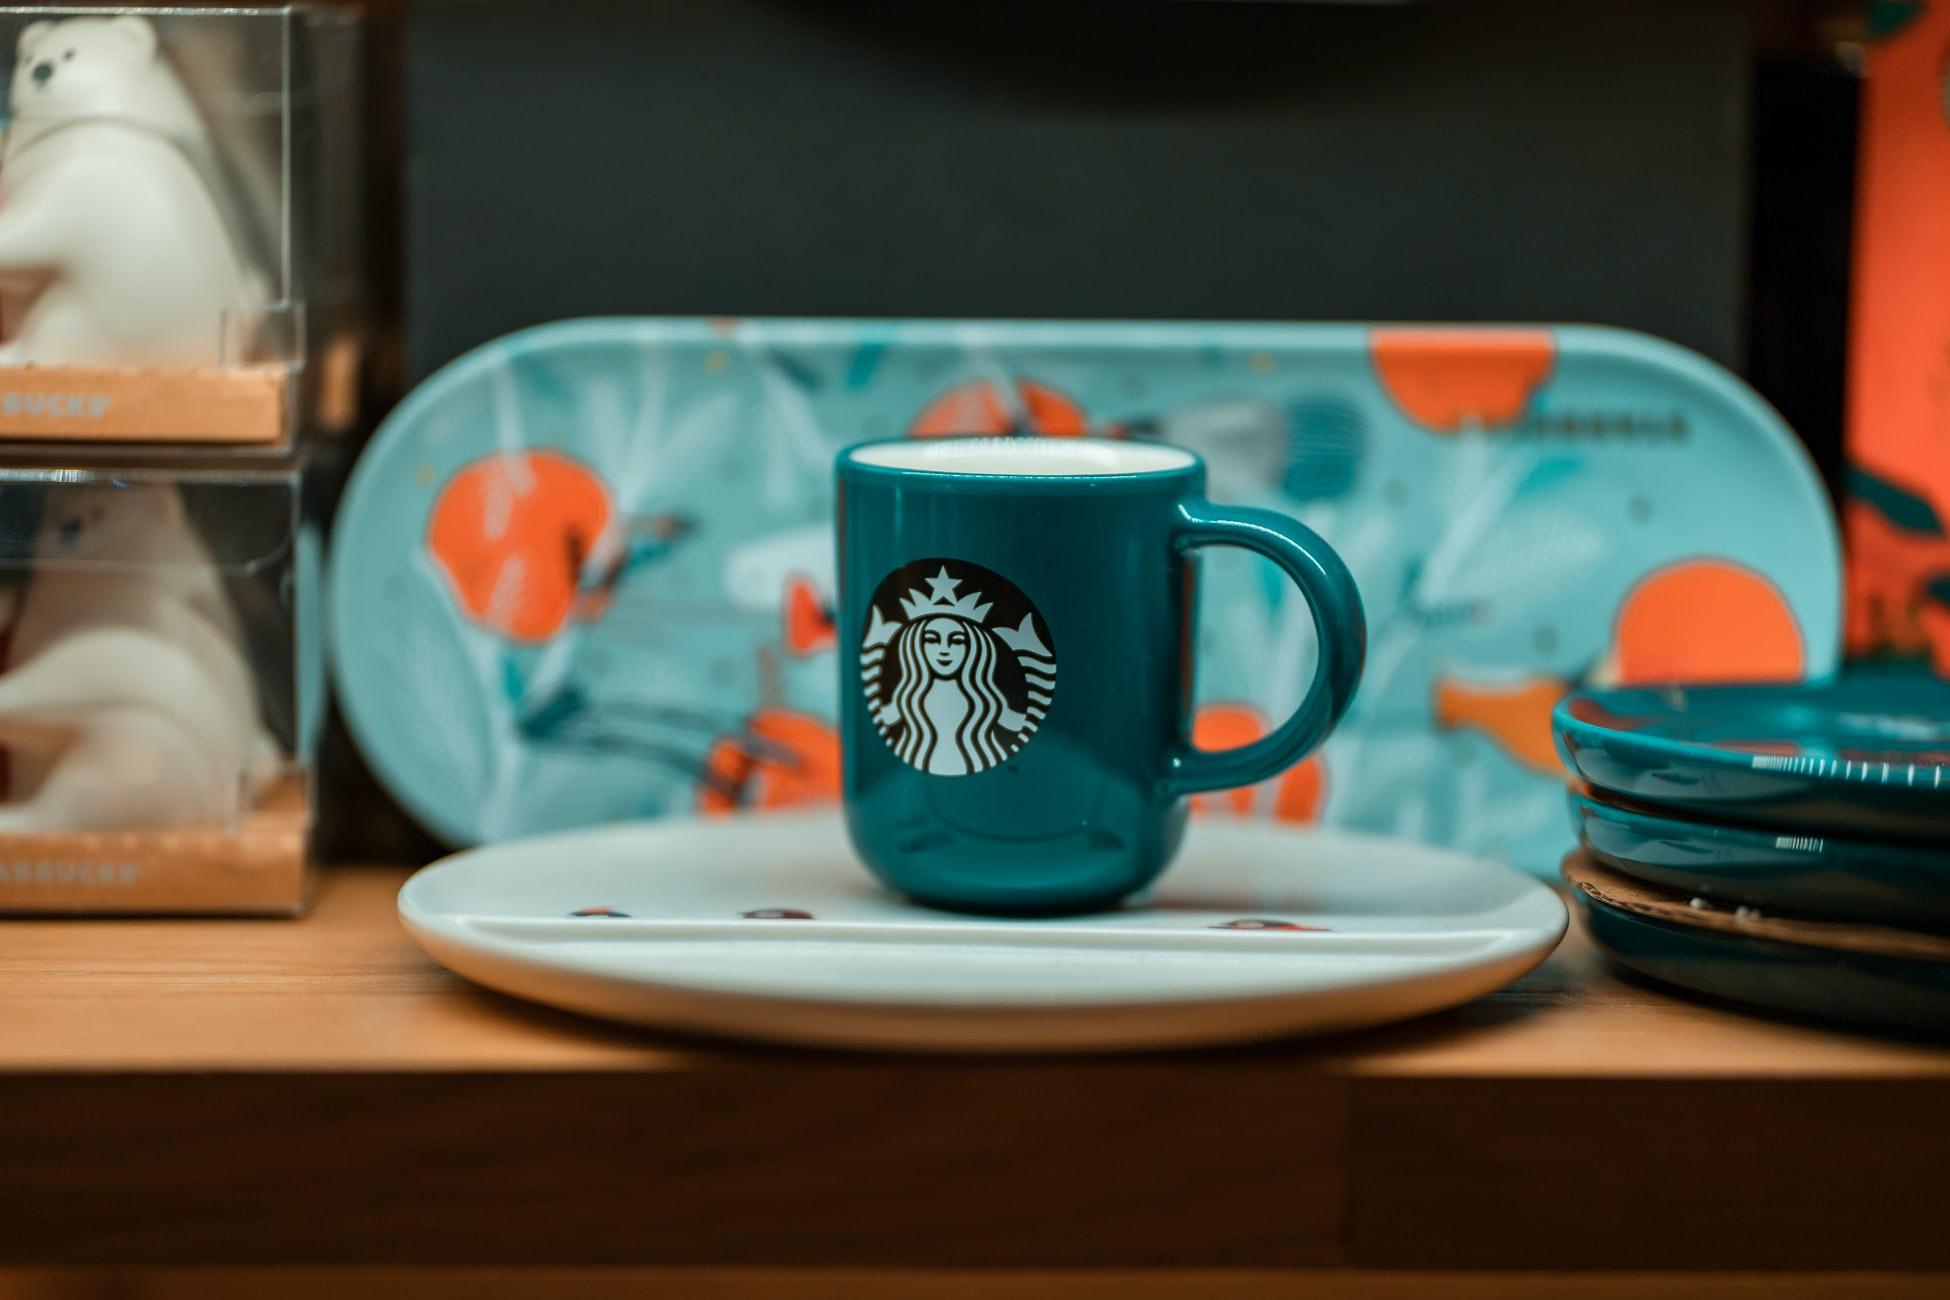 A Starbuck's mug containing an oat milk latte